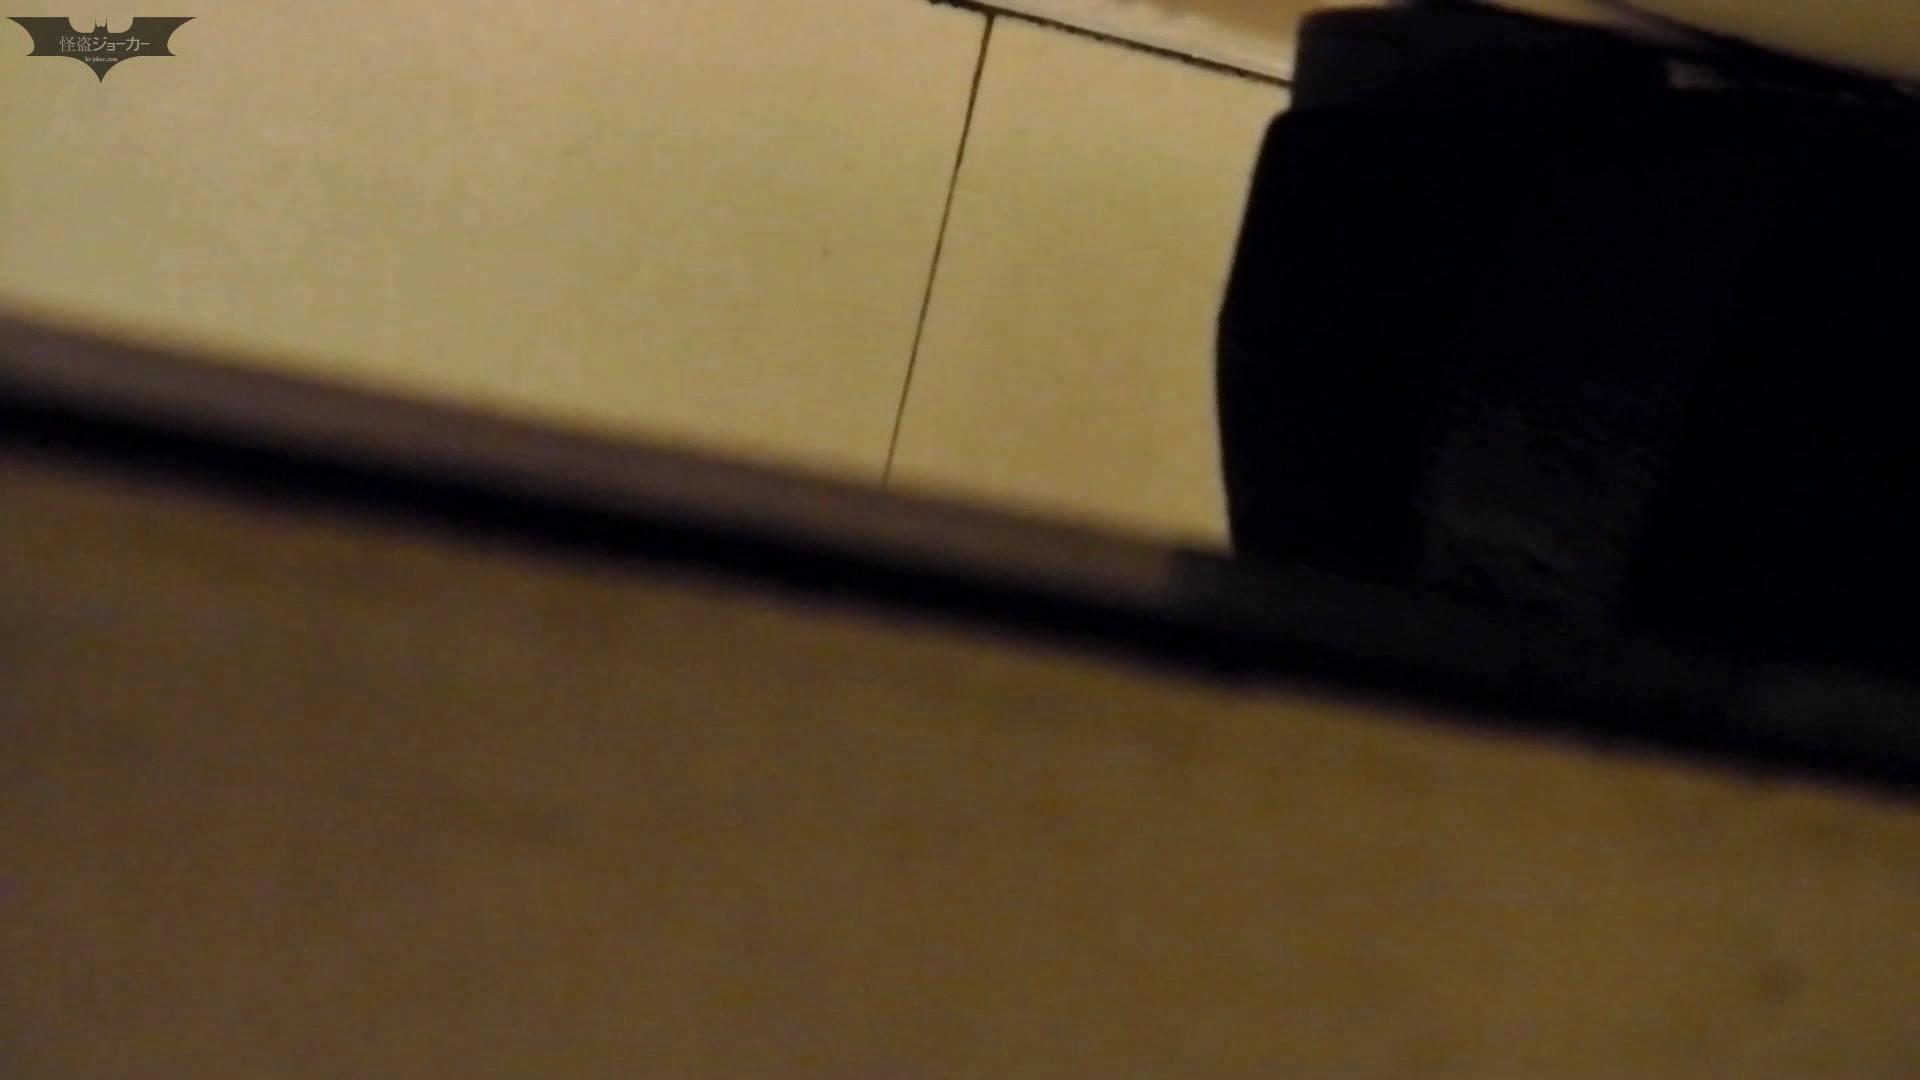 新世界の射窓 No64日本ギャル登場か?ハイヒール大特集! ギャルハメ撮り  62Pix 29